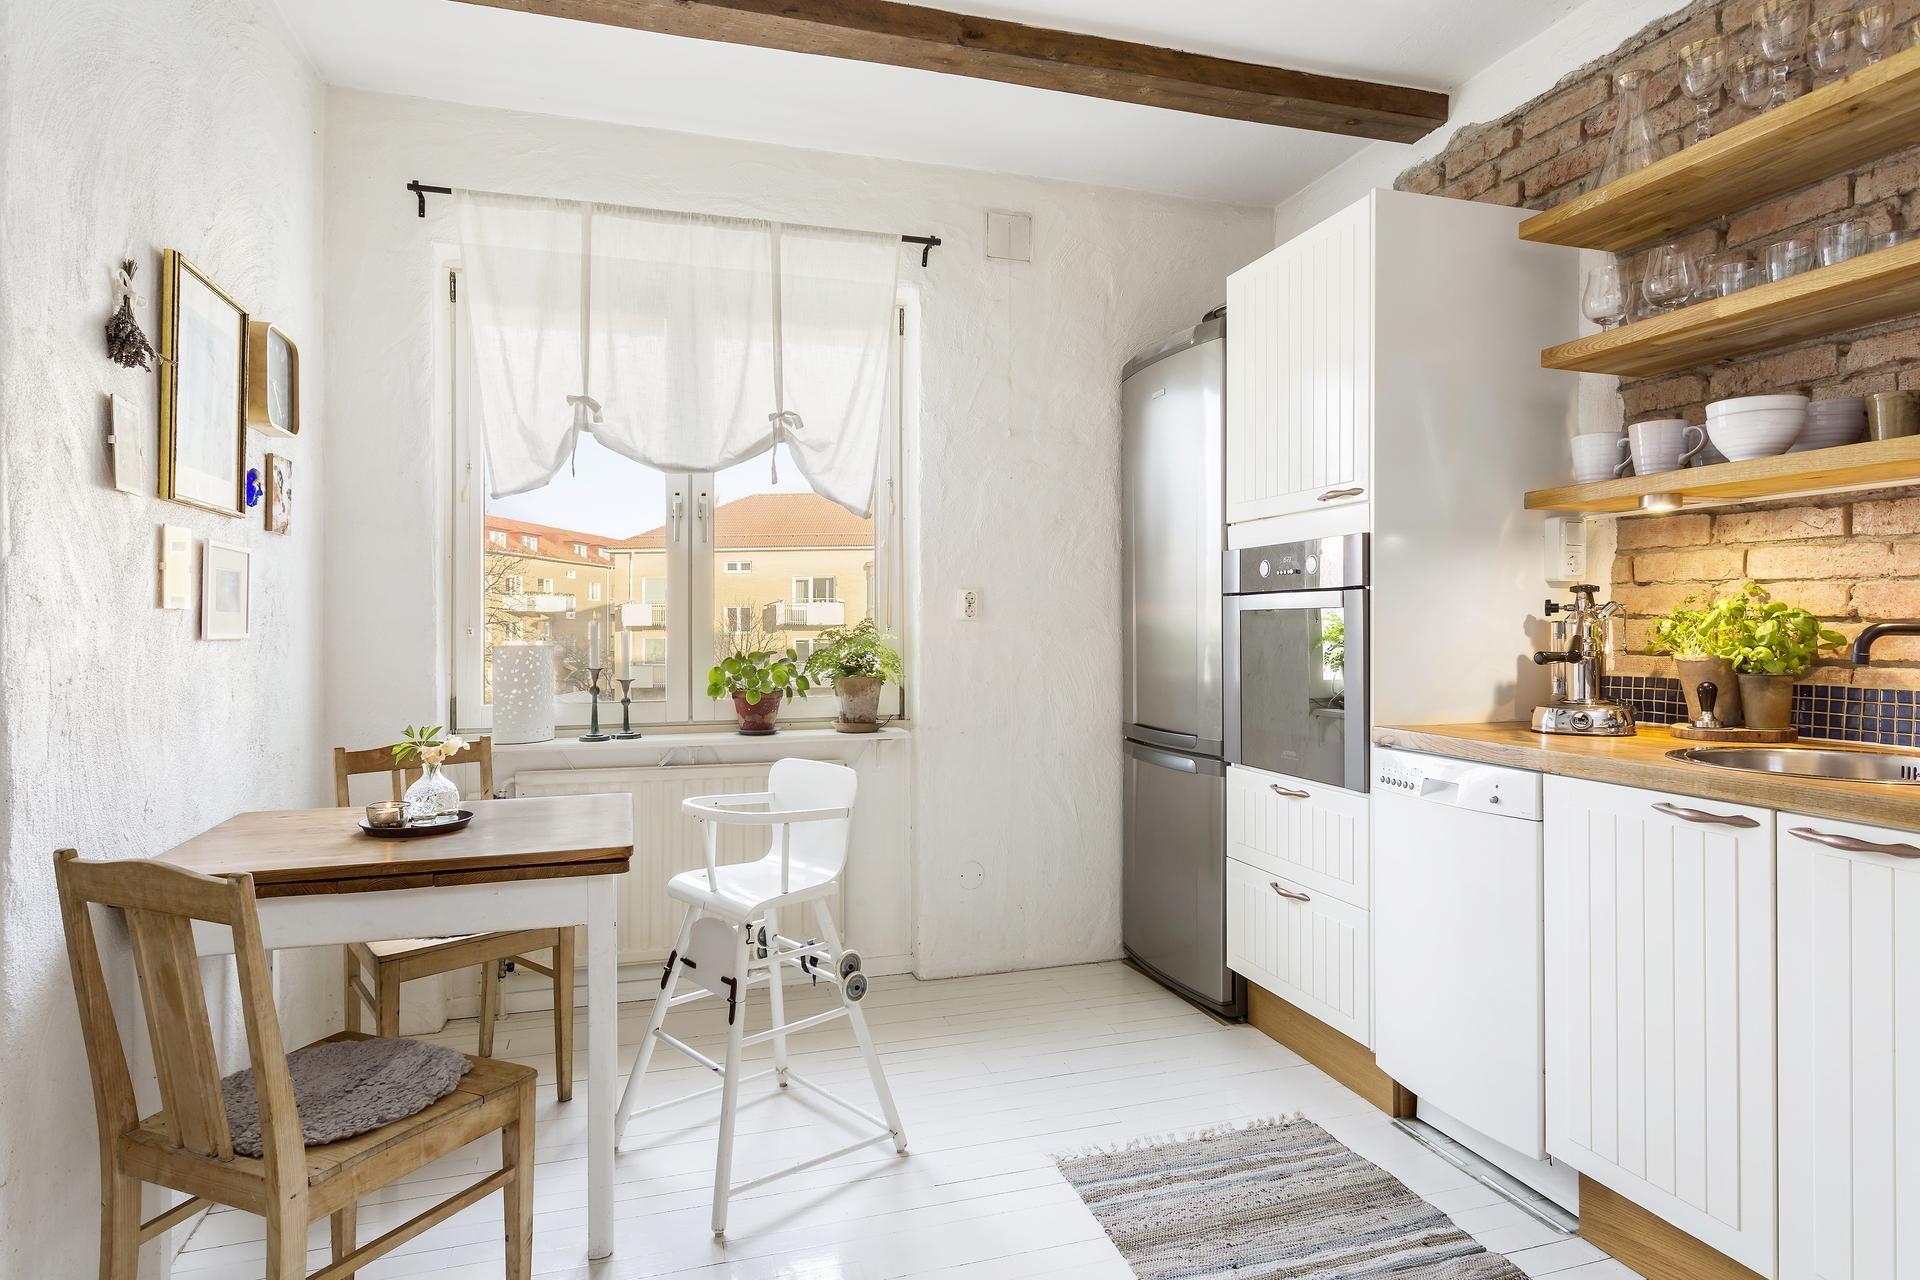 Ciepla Cegla Kuchnia Zamknieta Z Kacikiem Jadalnym Kitchen Dining Room Home Home Decor